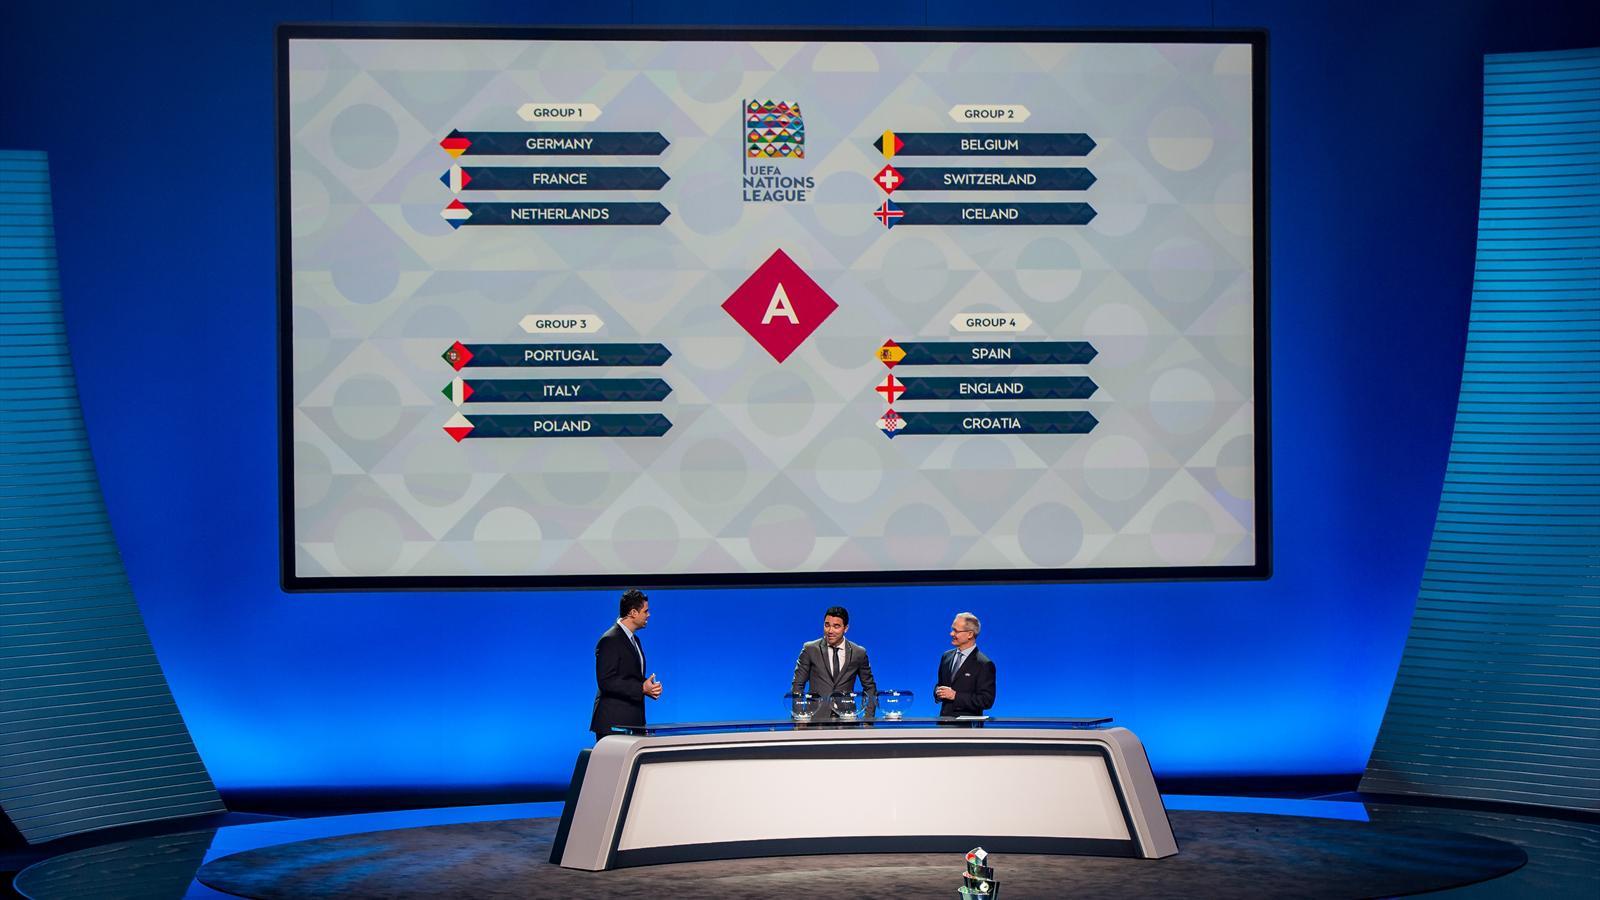 Calendrier Portugal Euro 2020.Tous Les Groupes De La Ligue Des Nations Football Eurosport